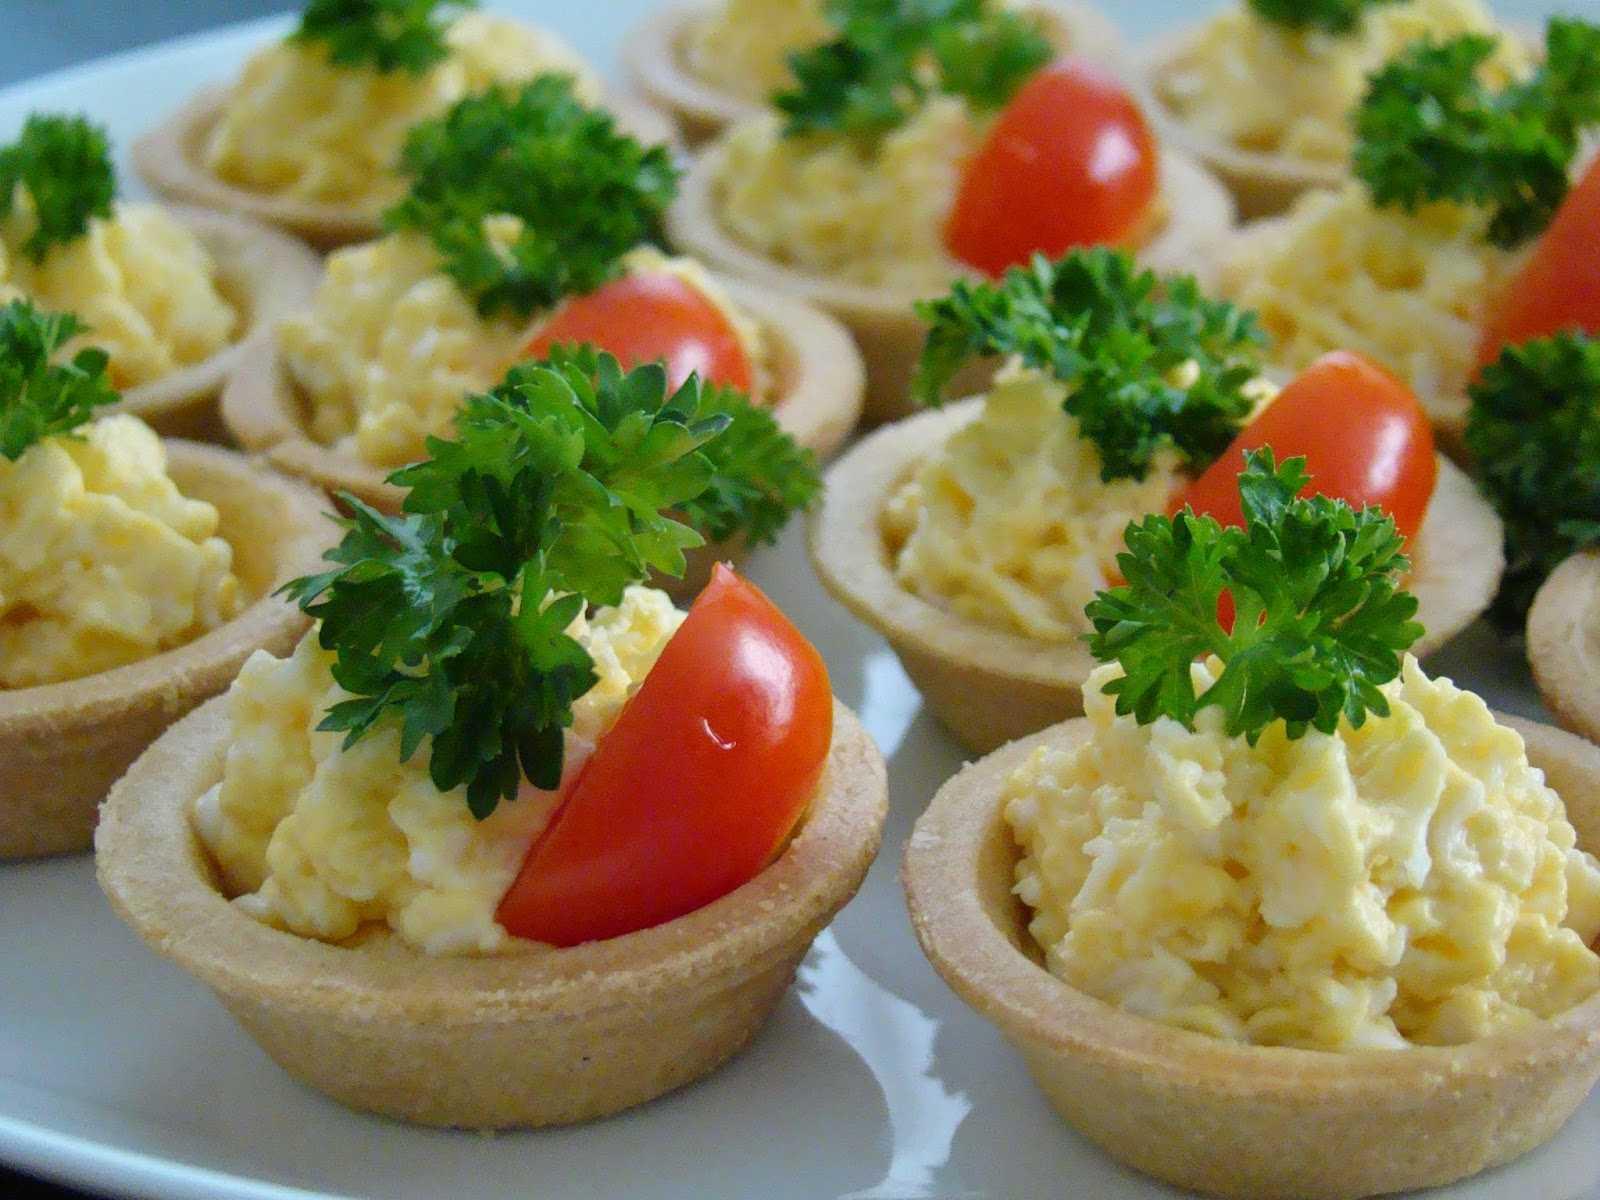 Салат сыр с чесноком и яйцом. пошаговый рецепт с фотографиями.   народные знания от кравченко анатолия